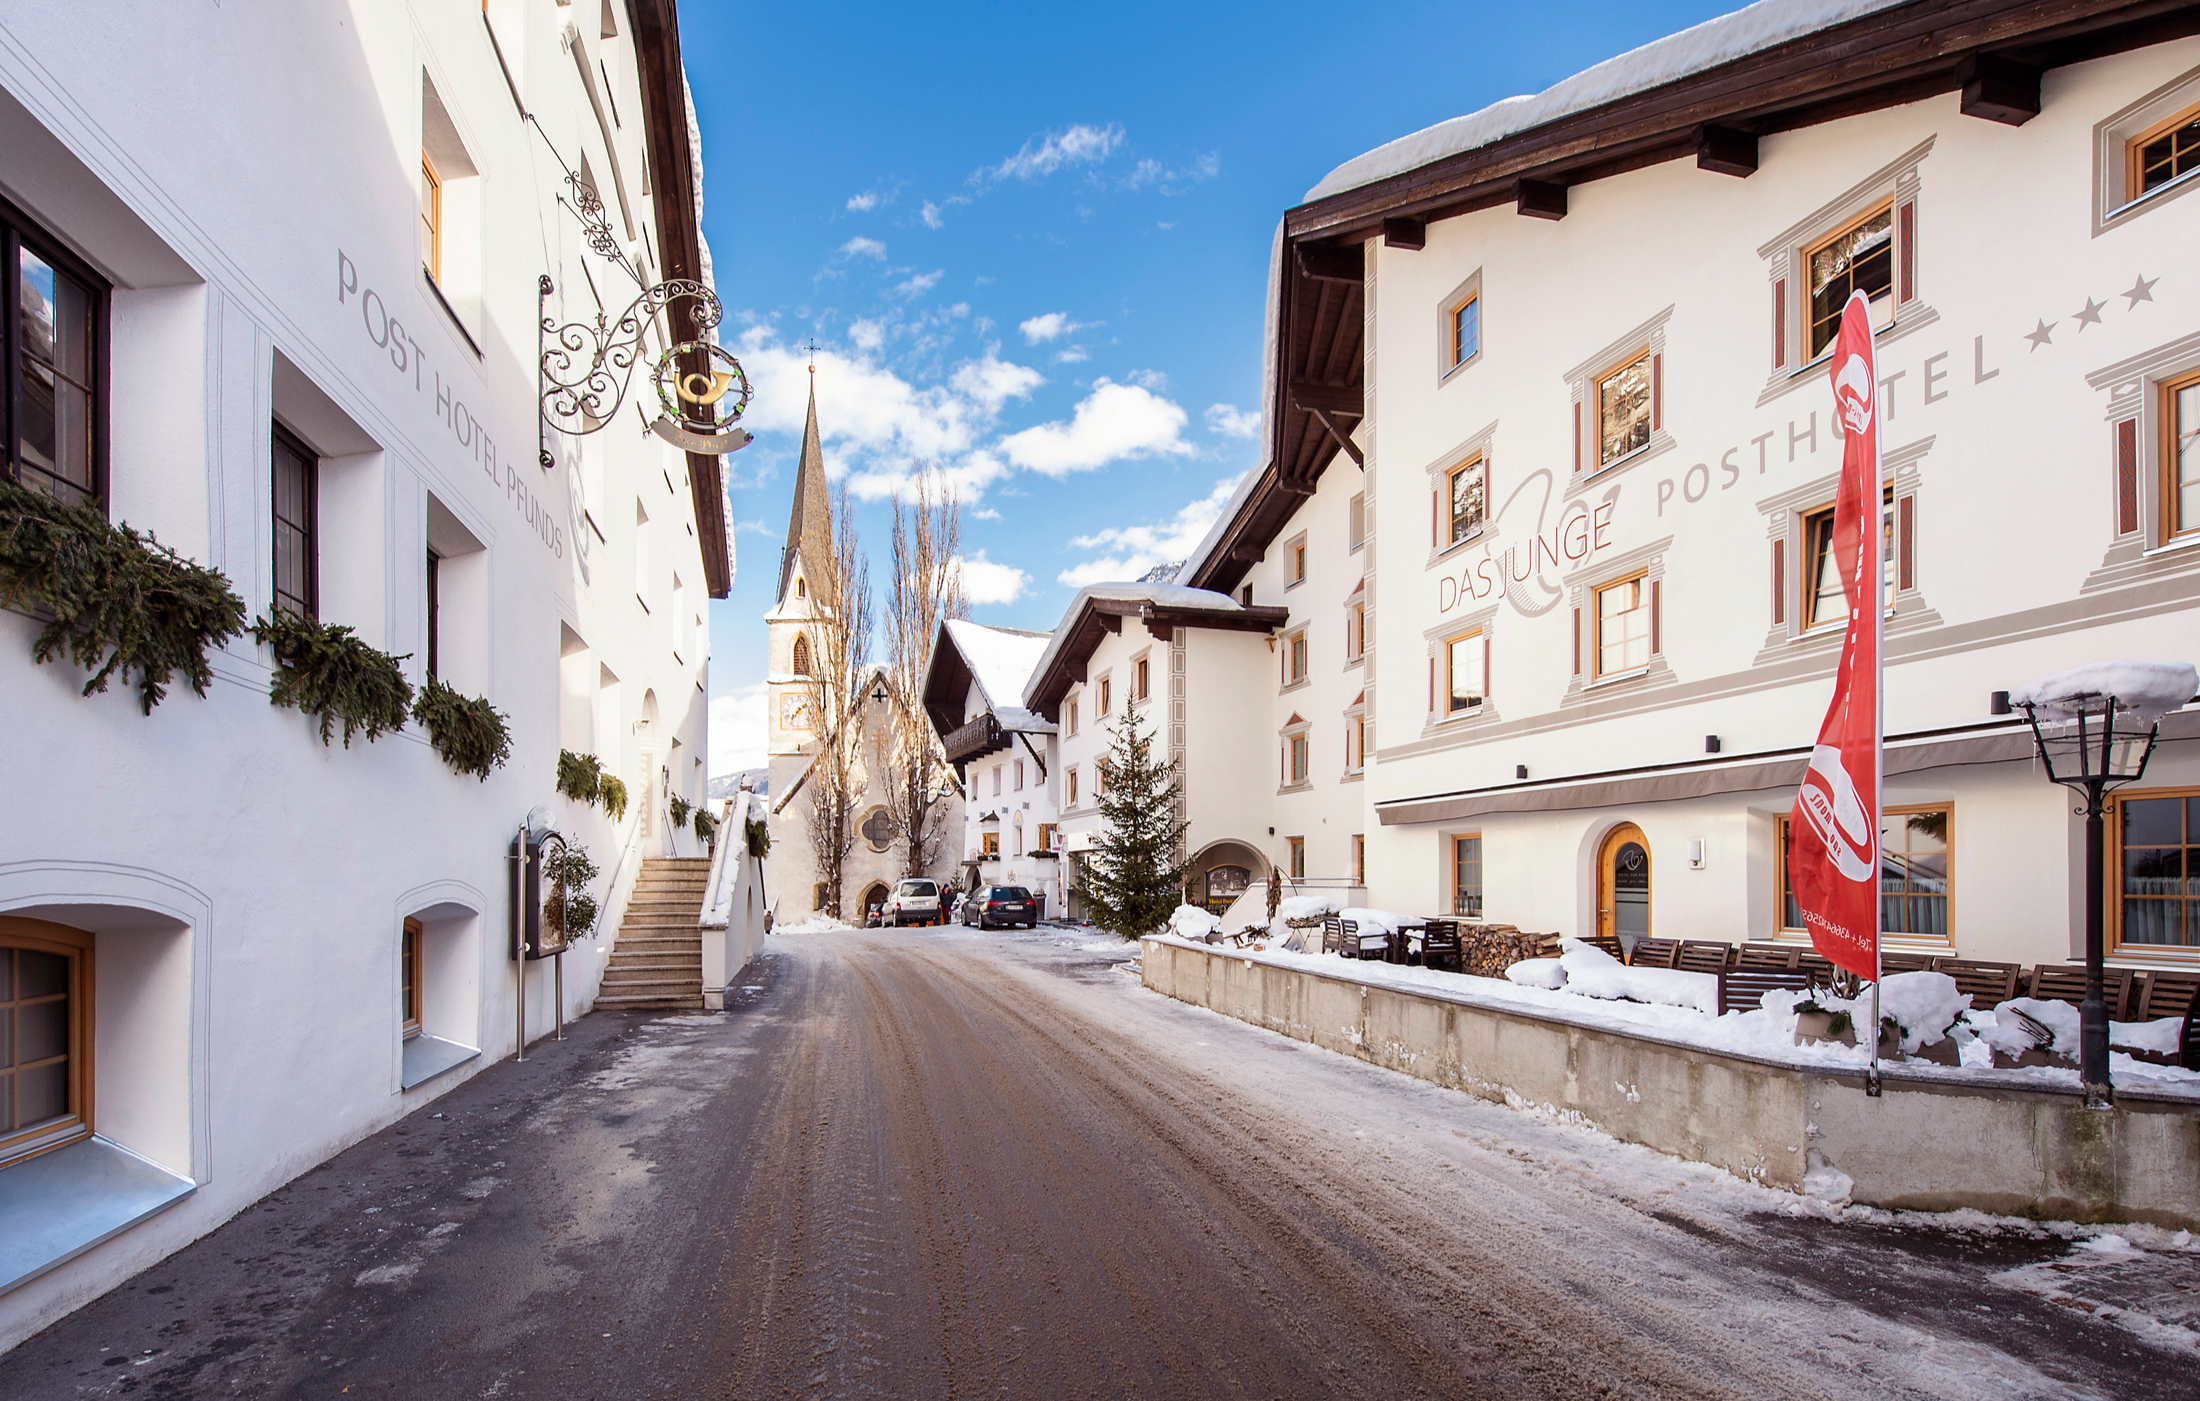 aktivurlaub-im-schnee-lenzerheide-schweiz-bg4